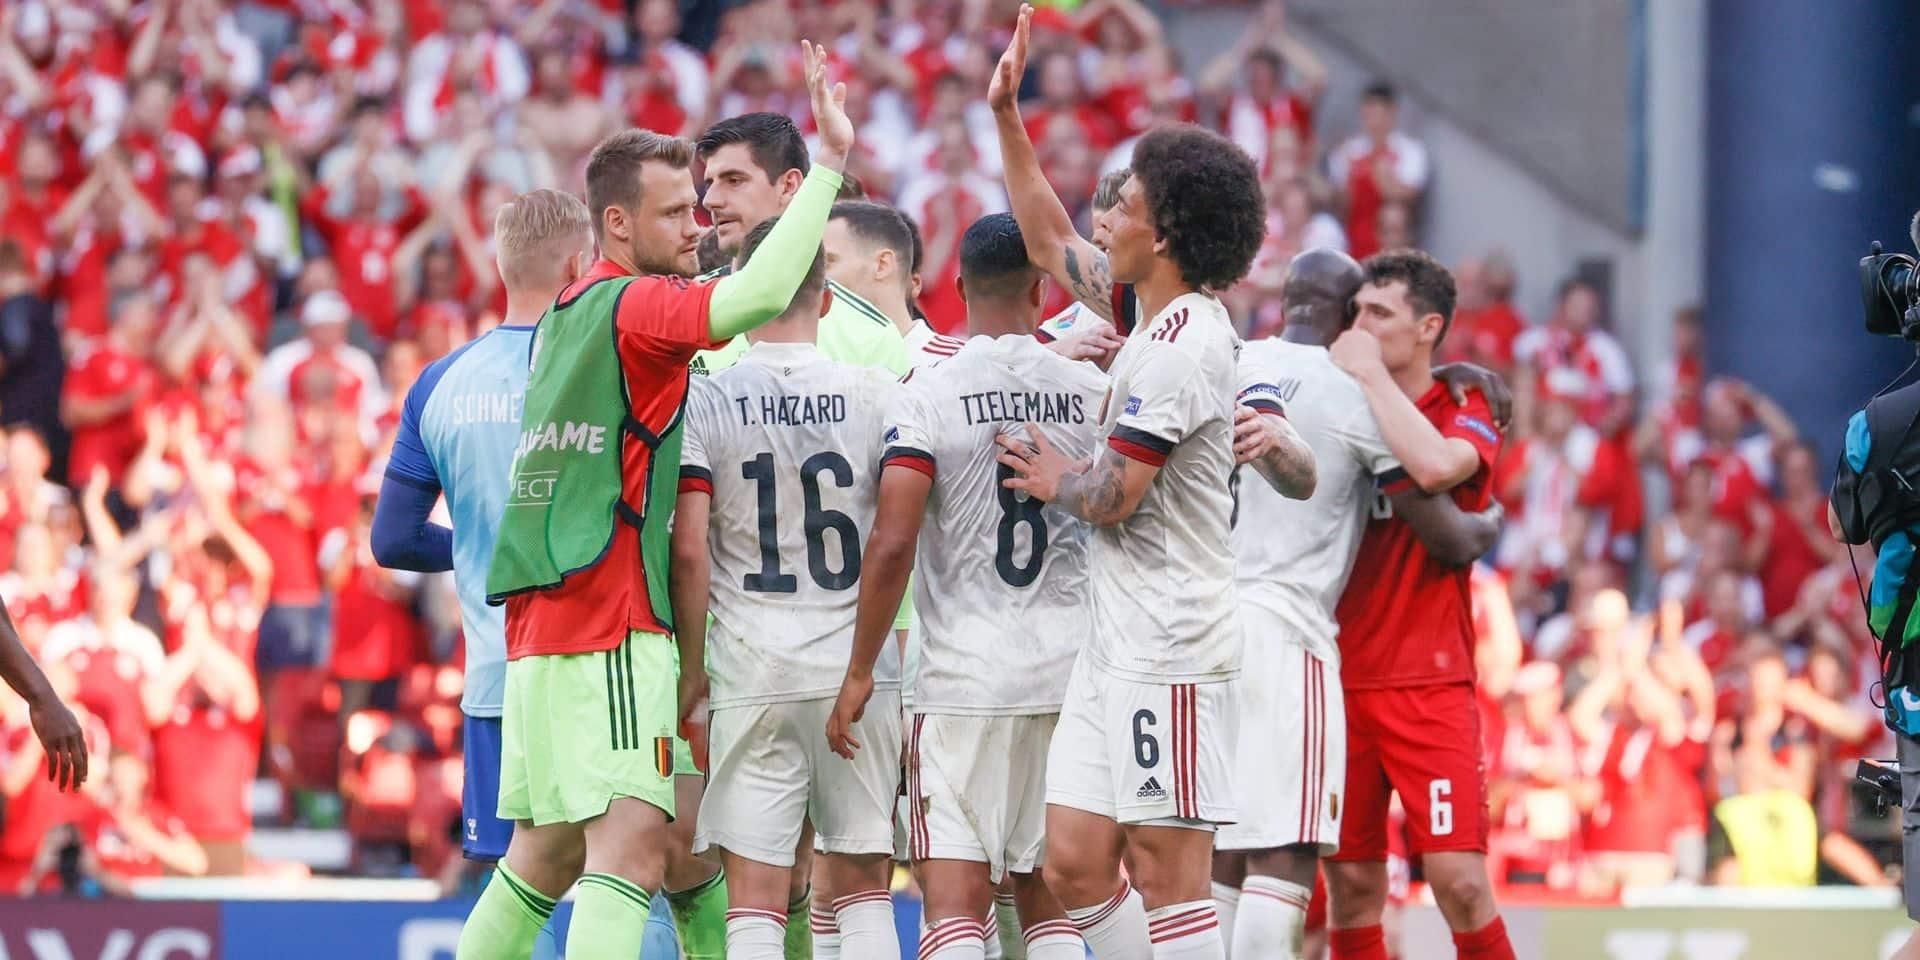 Voici les adversaires potentiels de la Belgique en huitième de finale